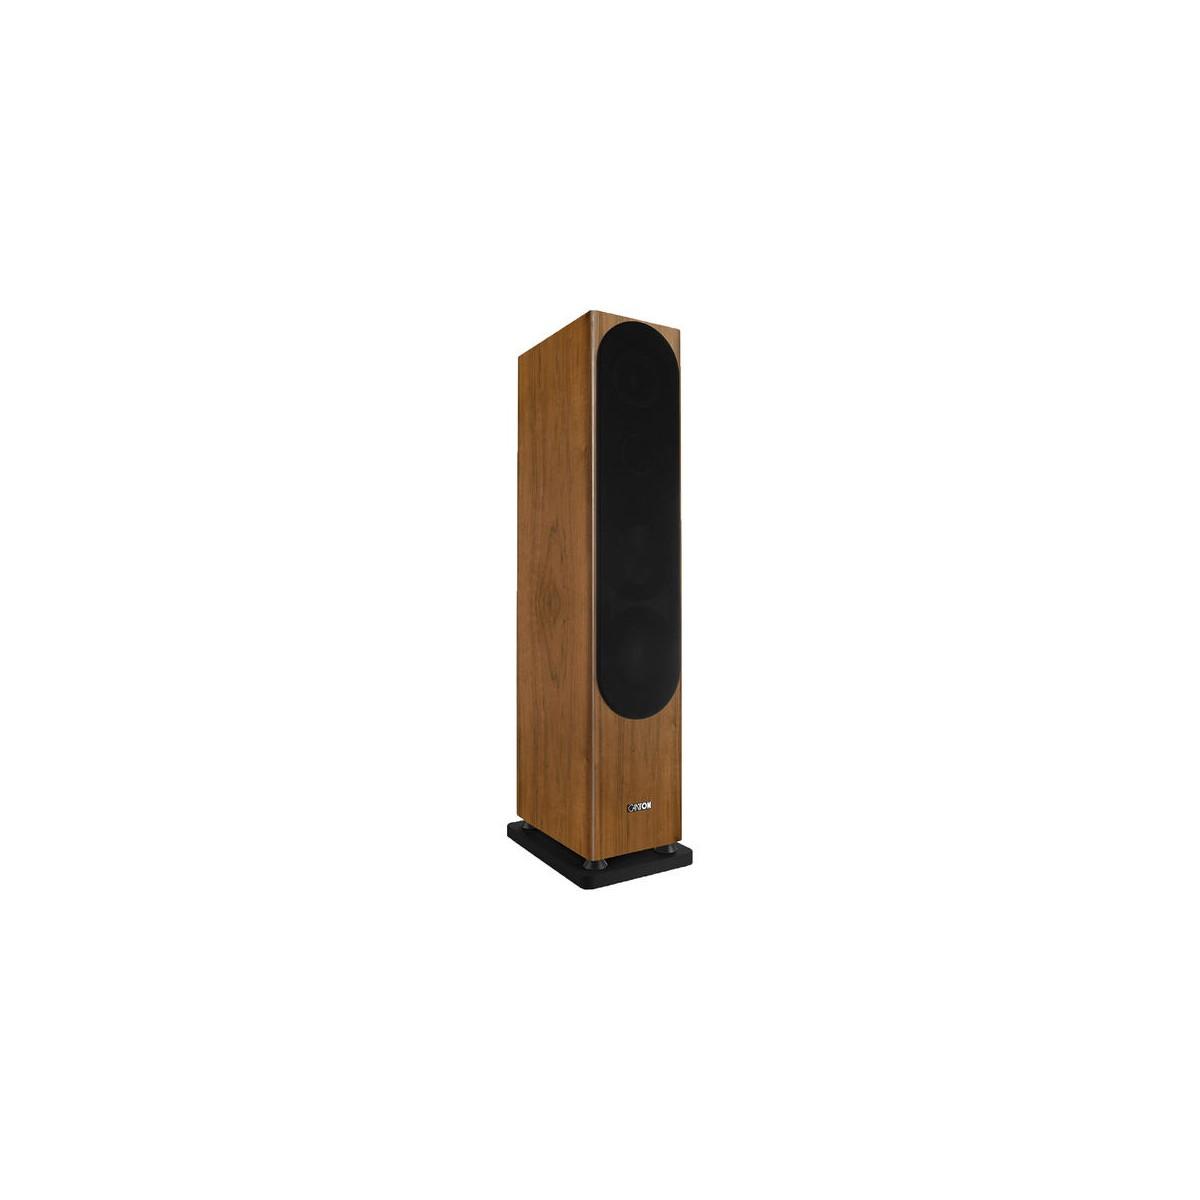 Standlautsprecher TOWNUS 90 Wood (Paarpreis)